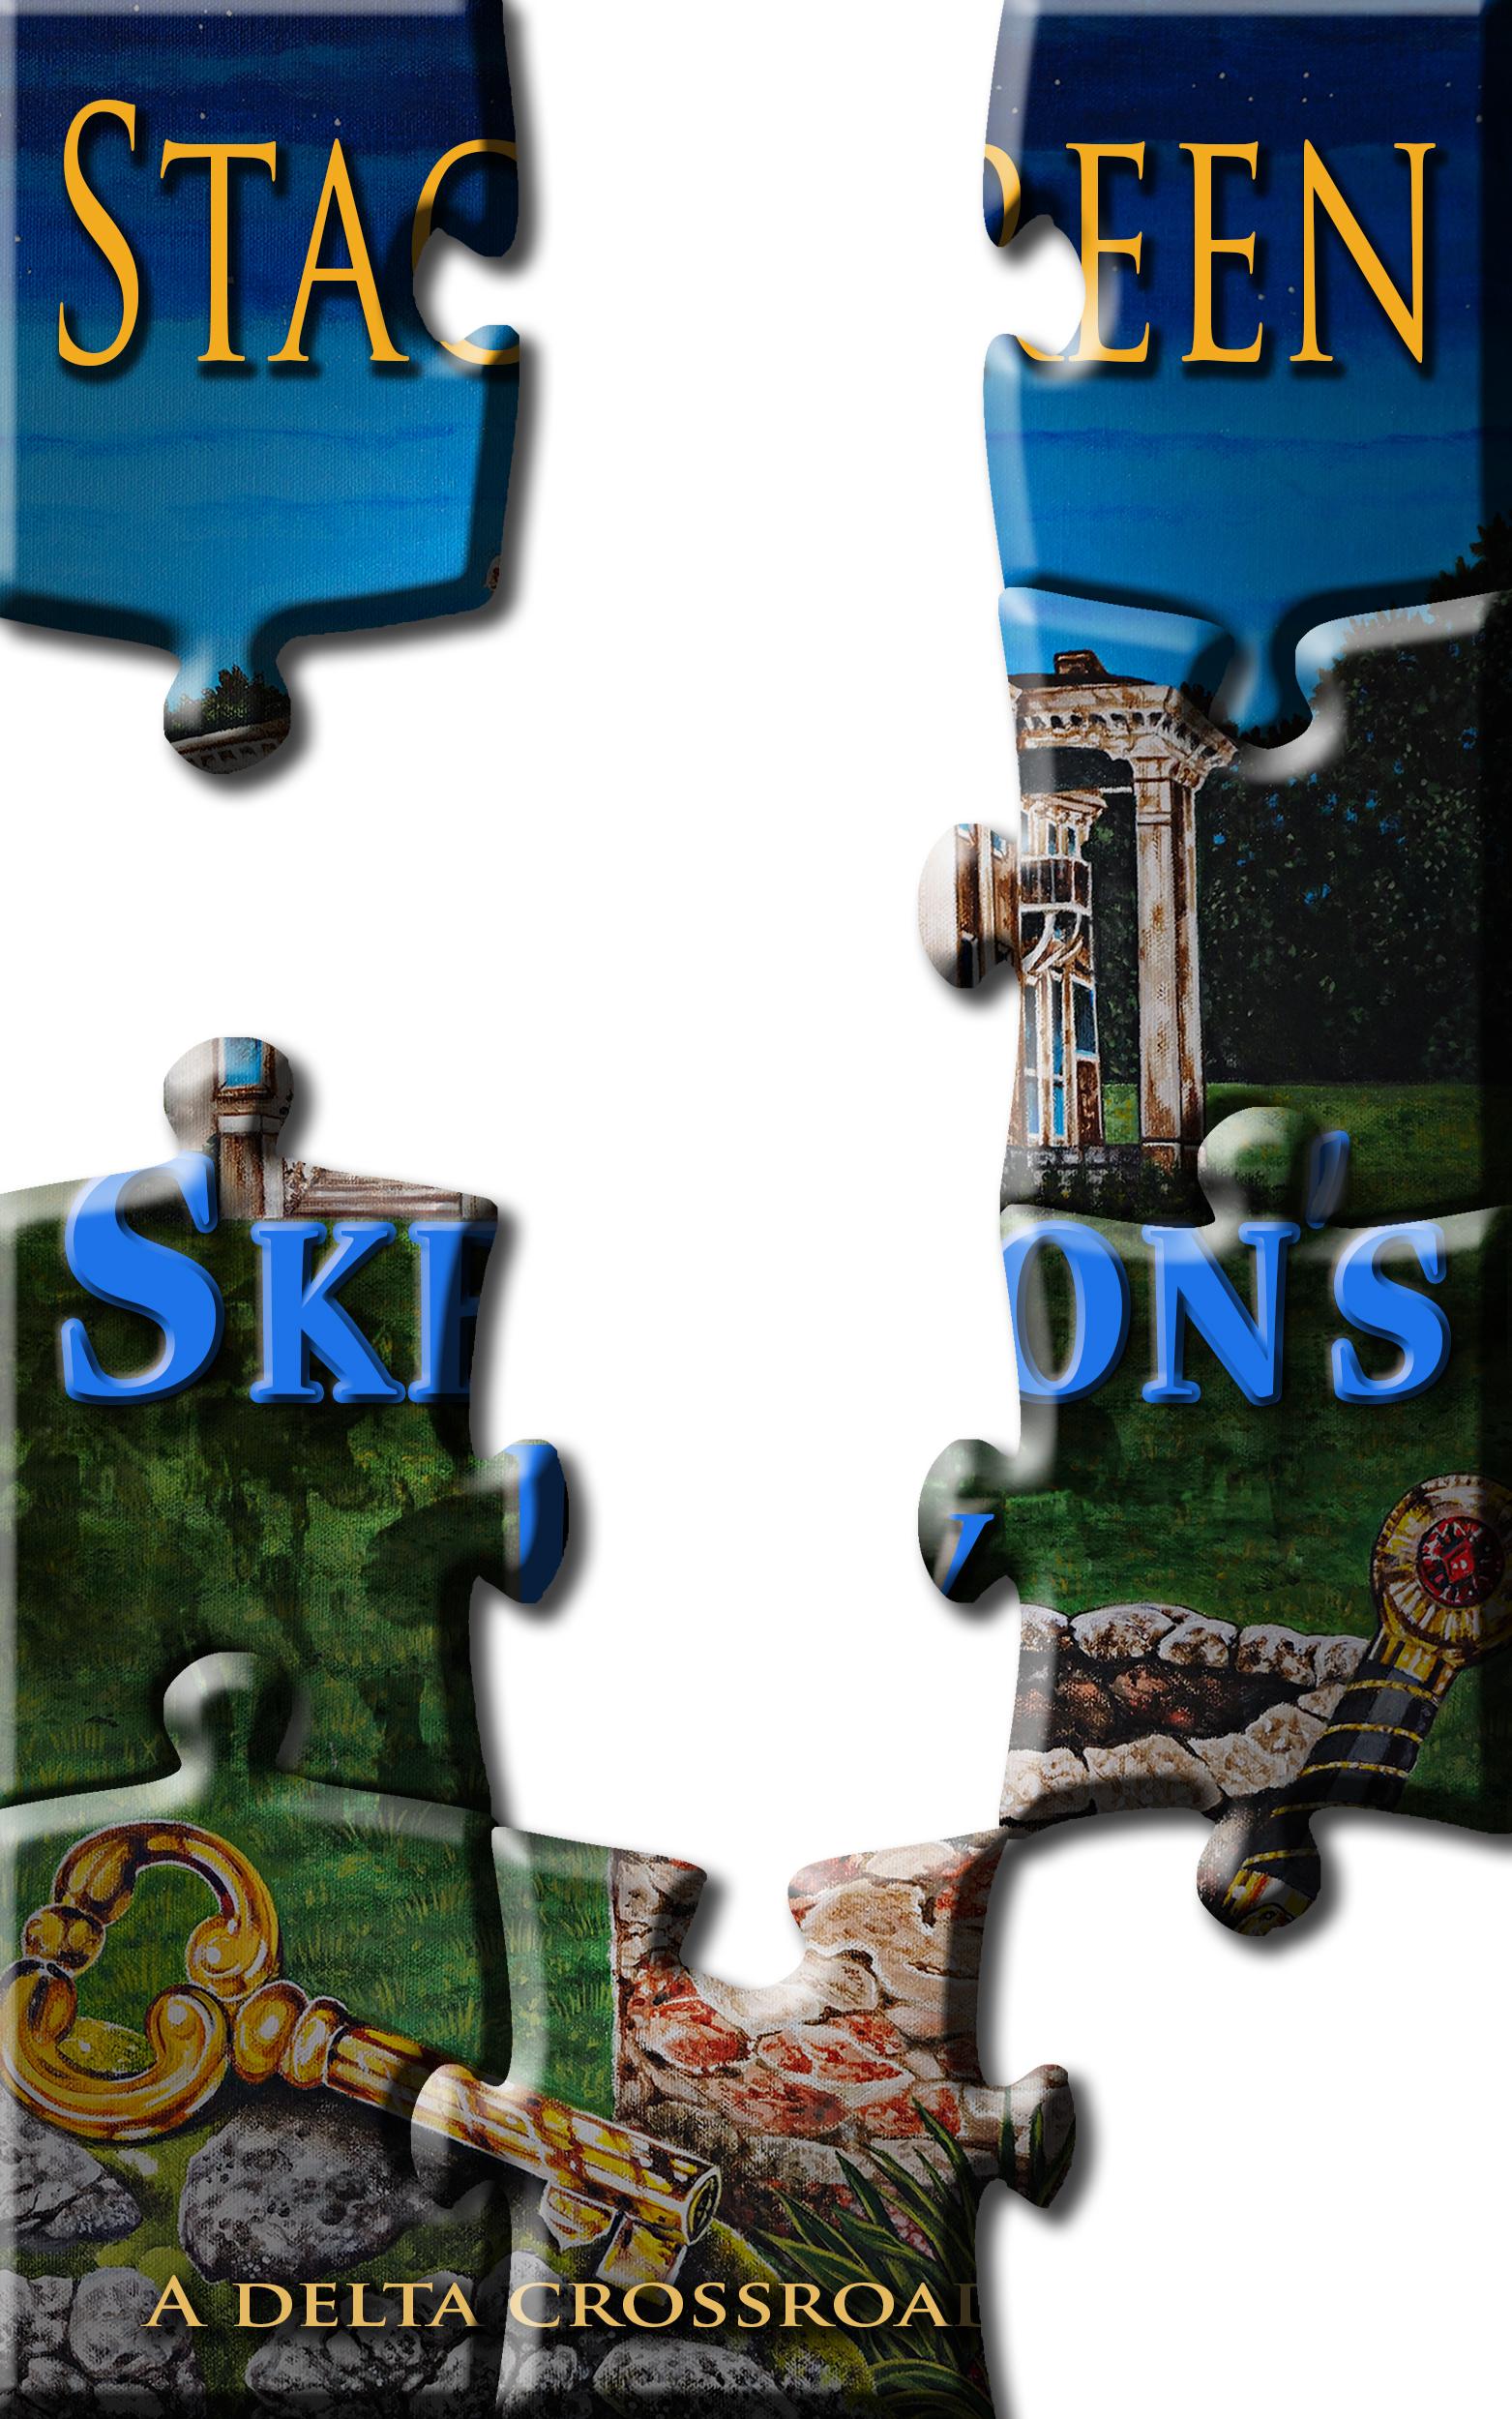 SkeletonsKeyEbookFinalPuzzle07